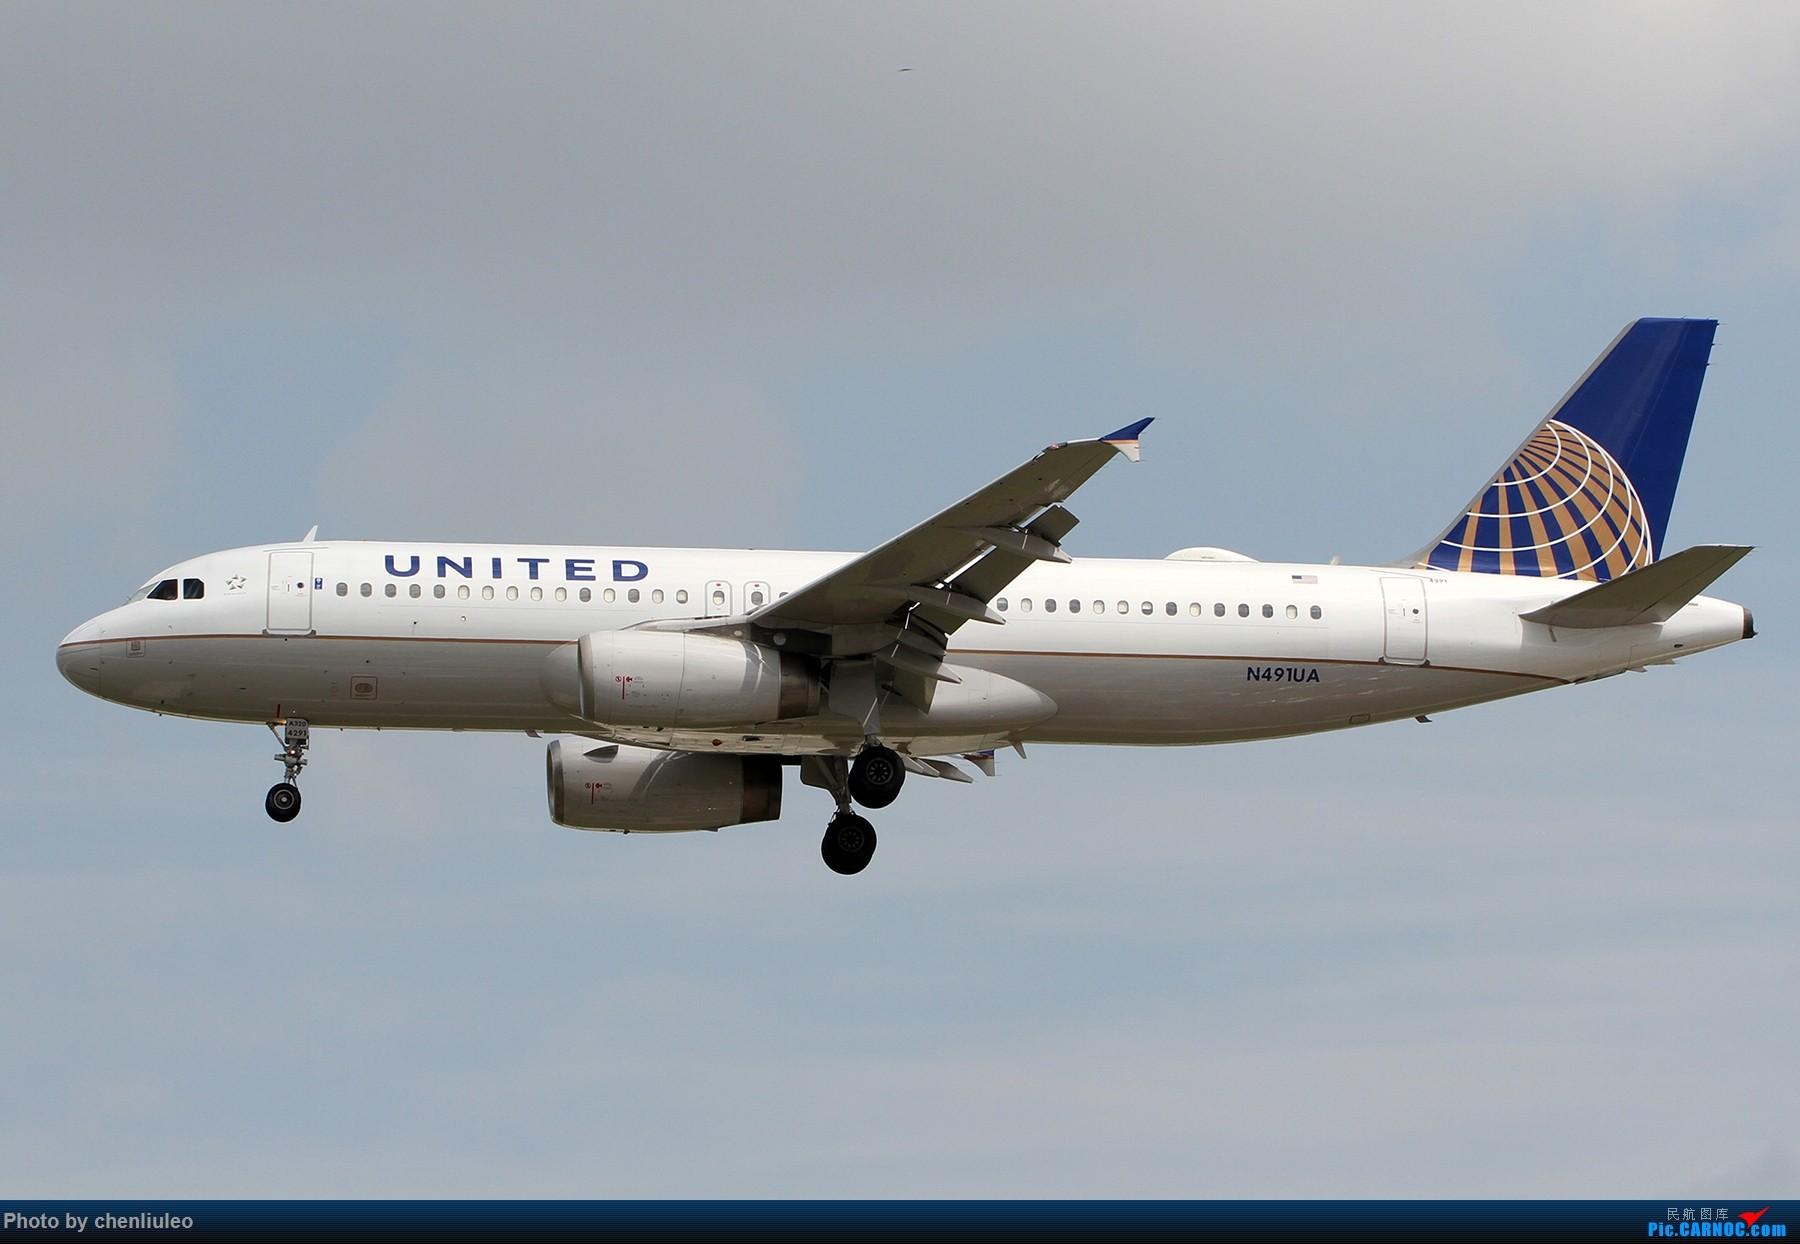 Re:[原创]【北美飞友会】芝加哥奥黑尔机场首拍 AIRBUS A320-200 N491UA 美国芝加哥奥黑尔国际机场